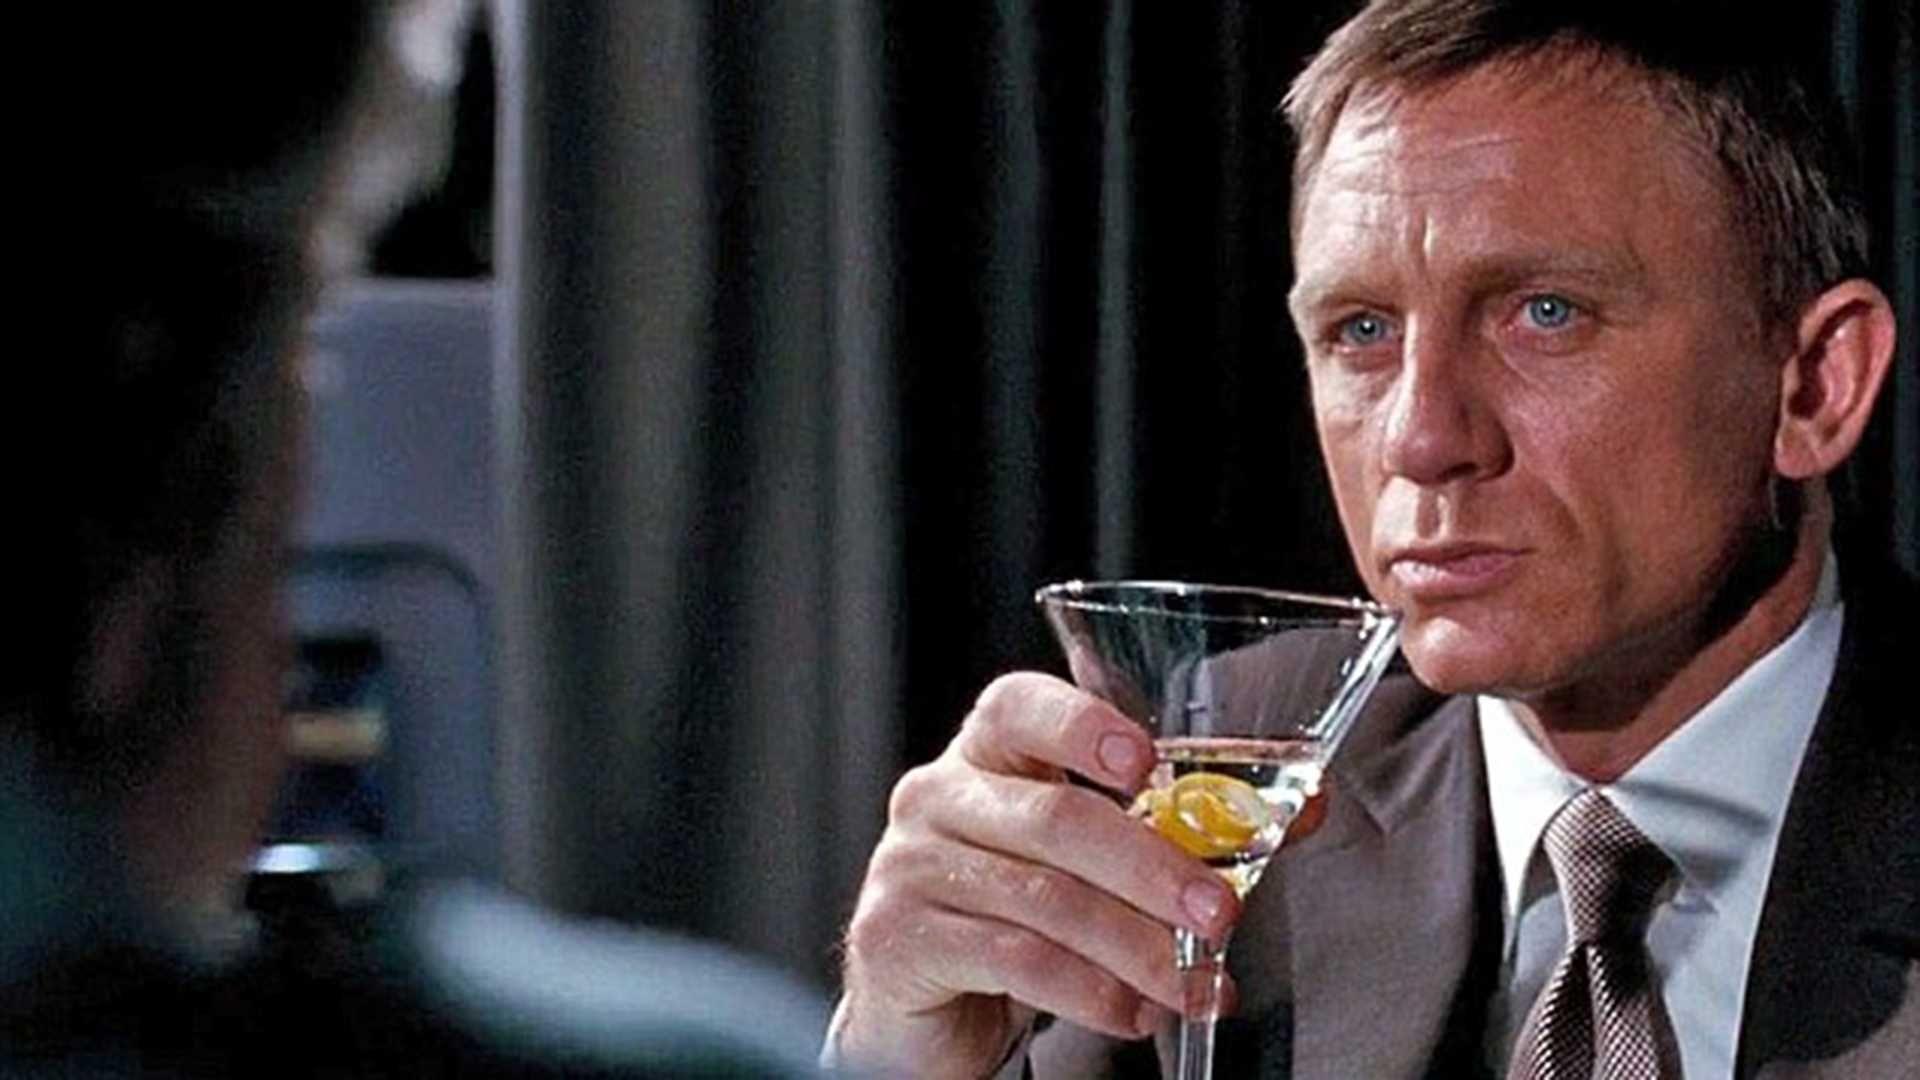 Sipas studiuesve, James Bond është një alkoolist